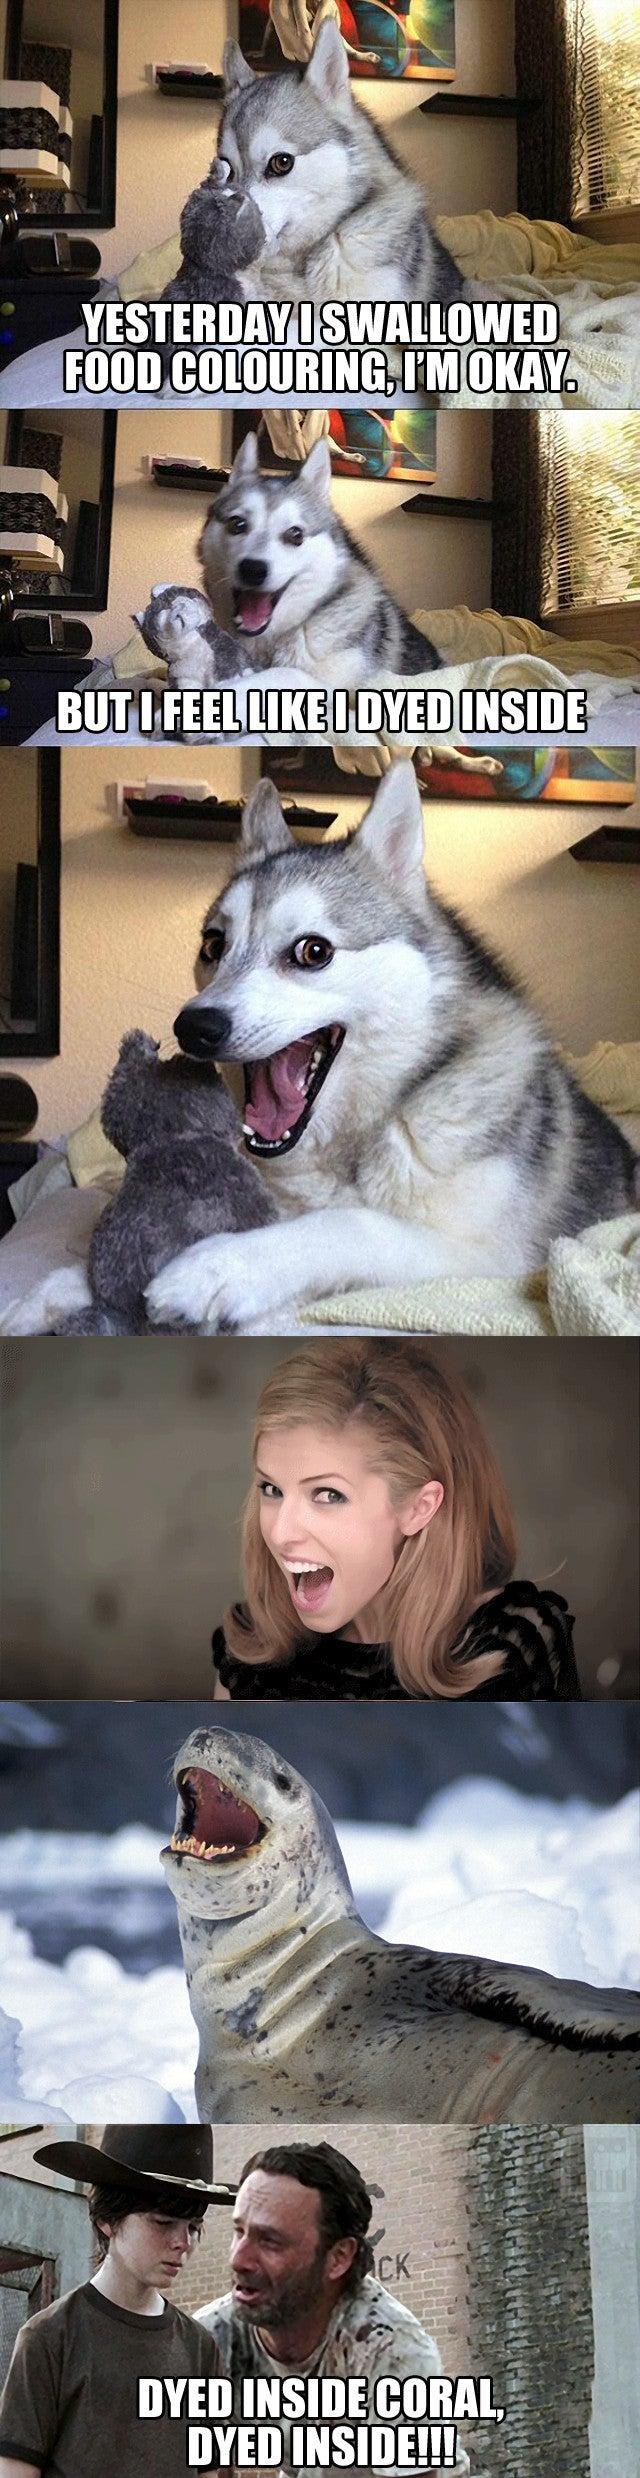 Bad Pun Dog Anna Kendrick - More information